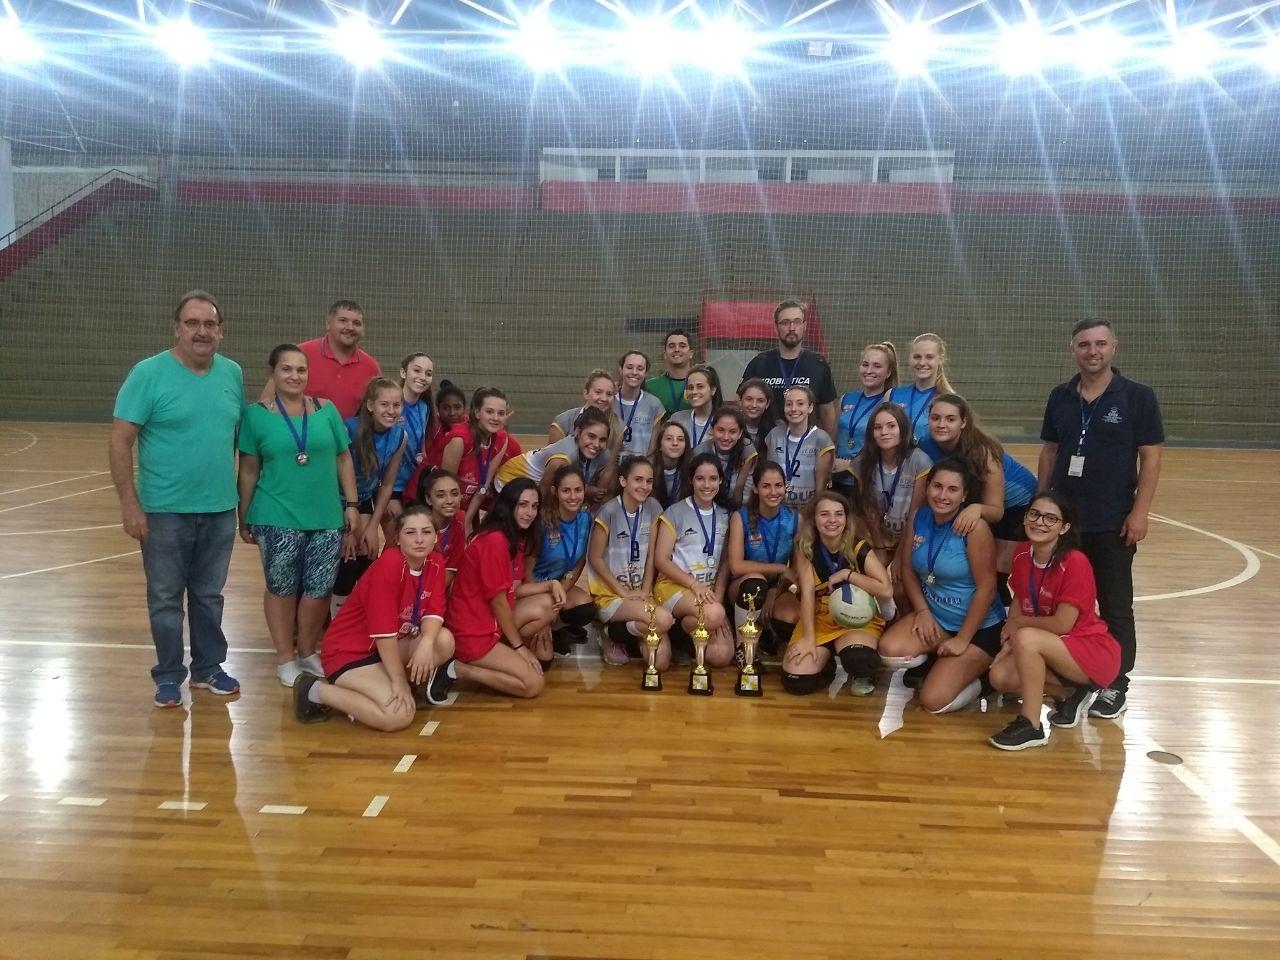 Jesc: Colégio Marista é campeão no vôlei feminino